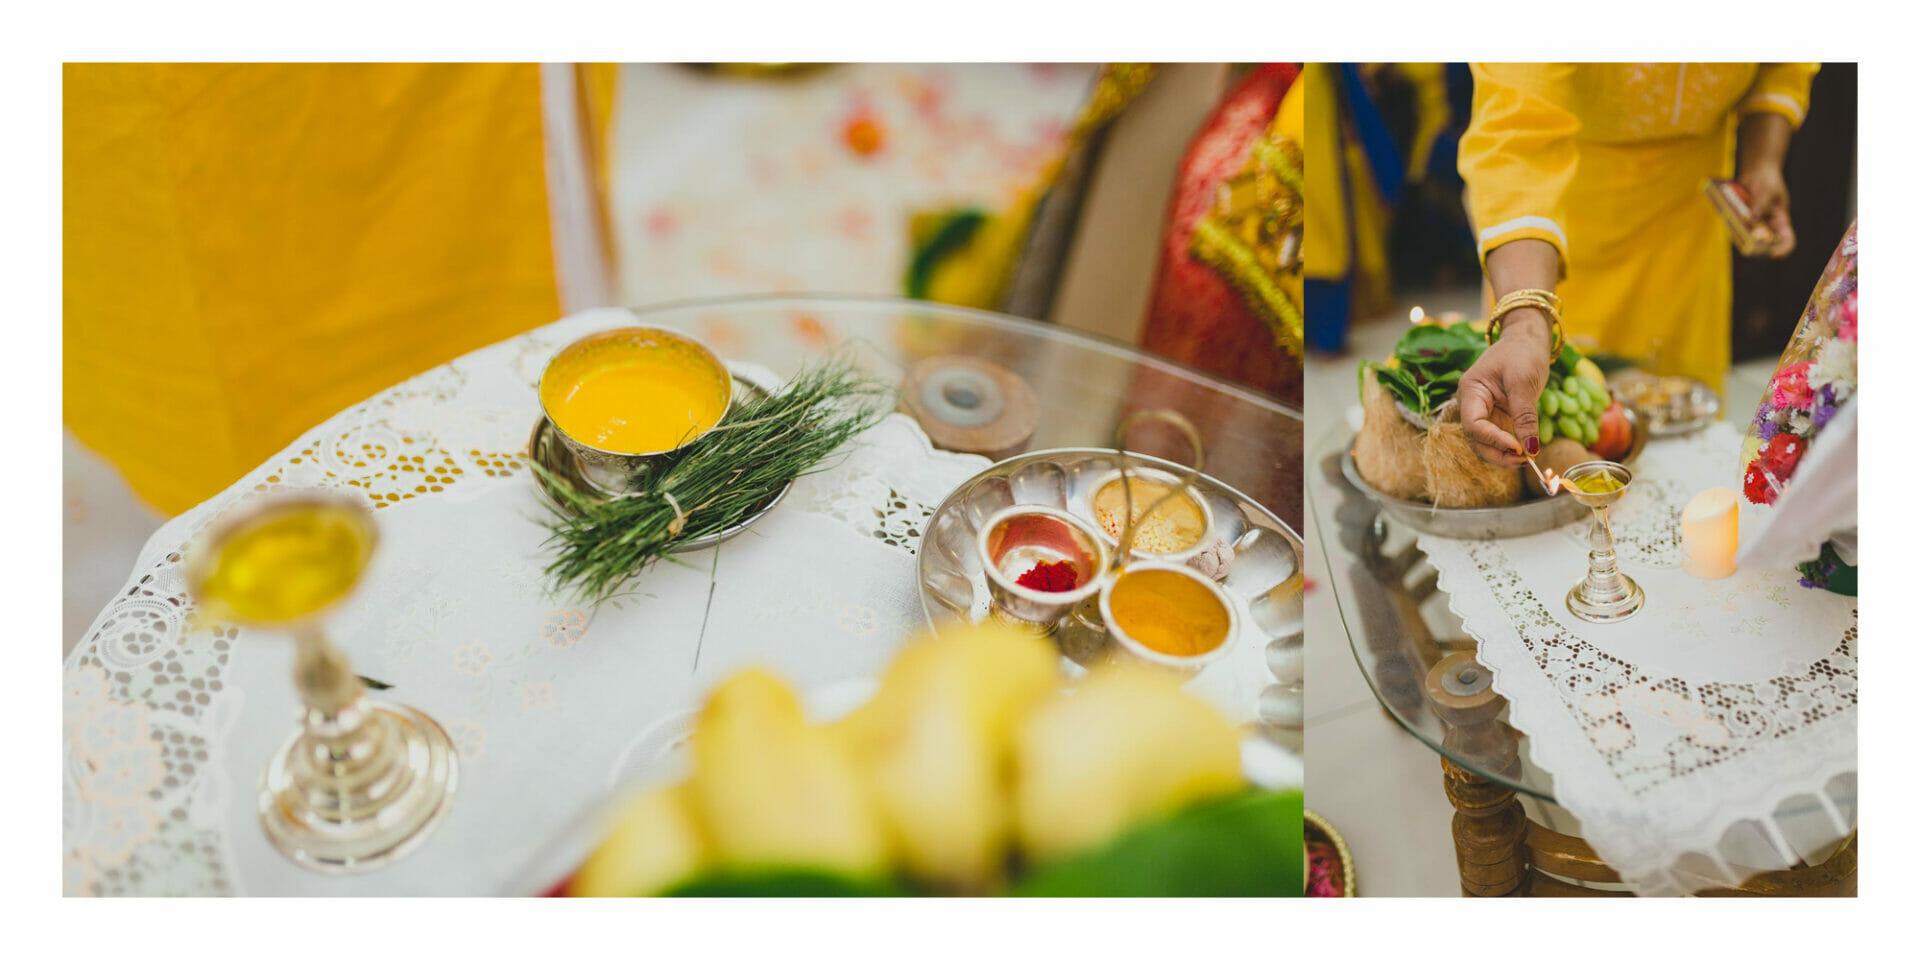 shruti annayya sree vikash photography haldi kalathur gardens 3